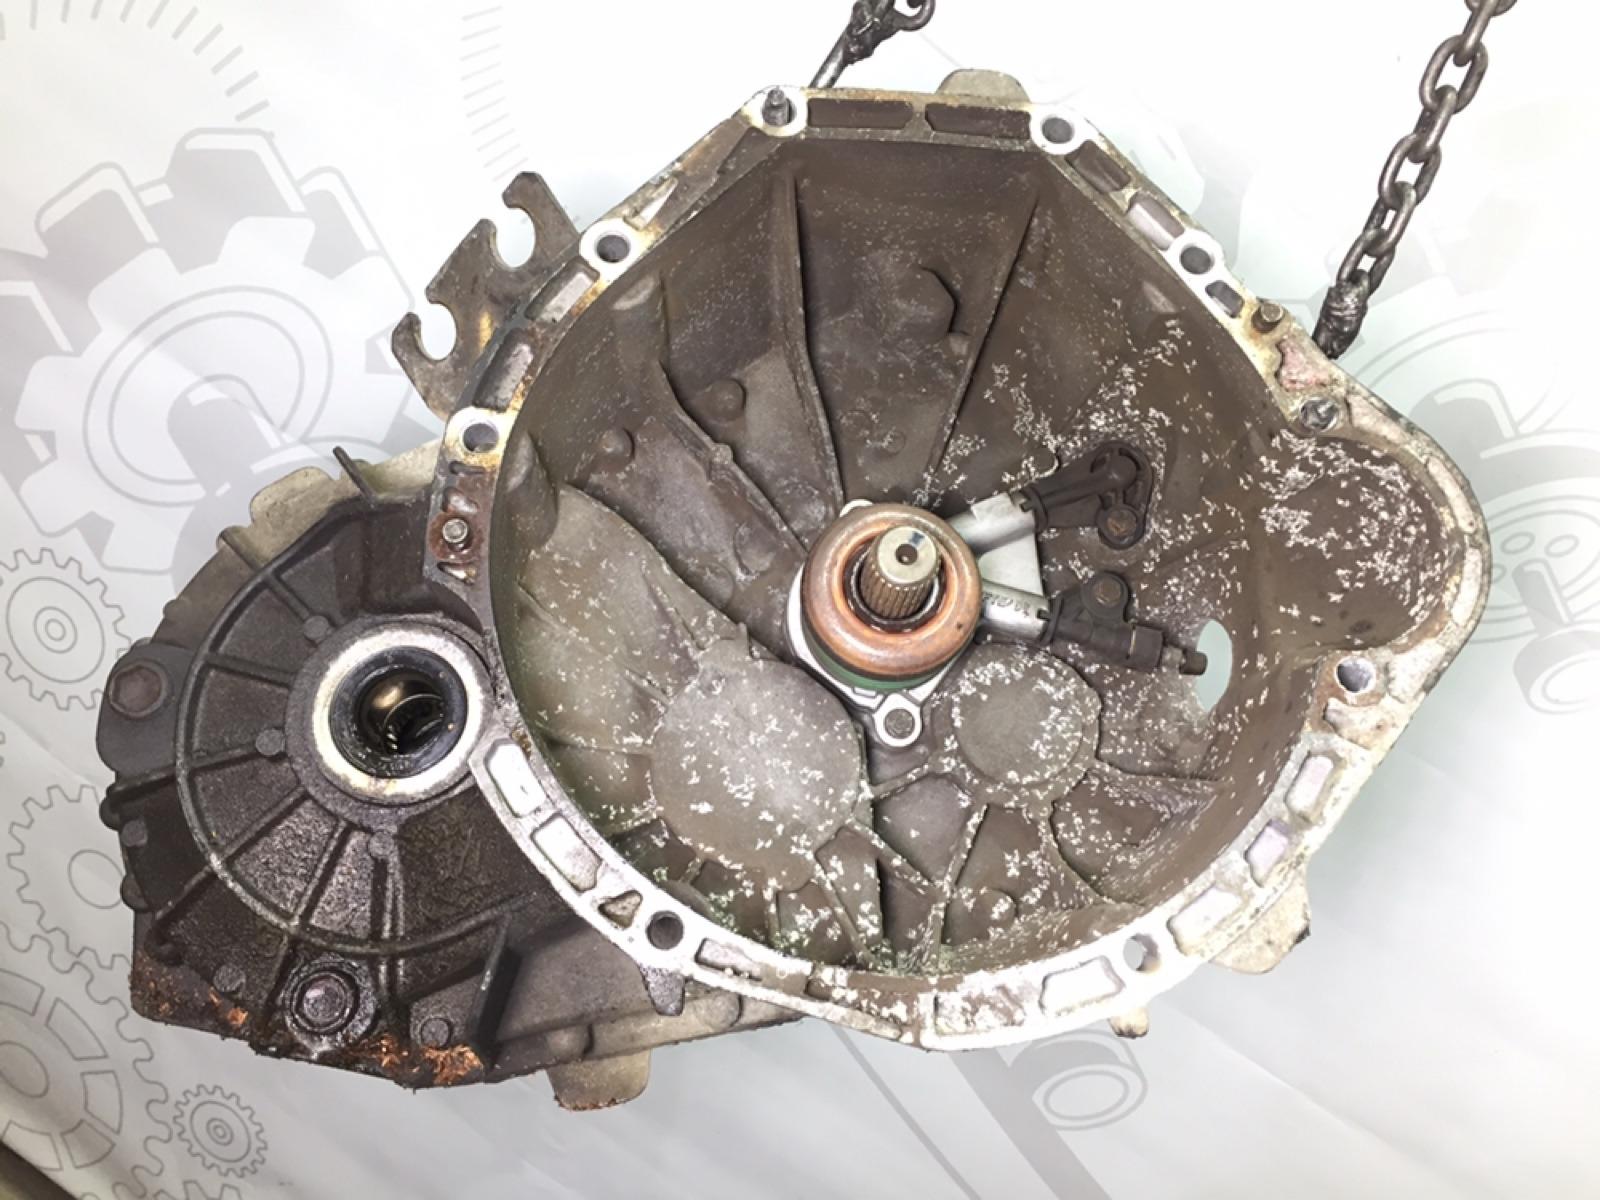 Кпп механическая (мкпп) Mercedes Vito W639 2.0 I 2003 (б/у)